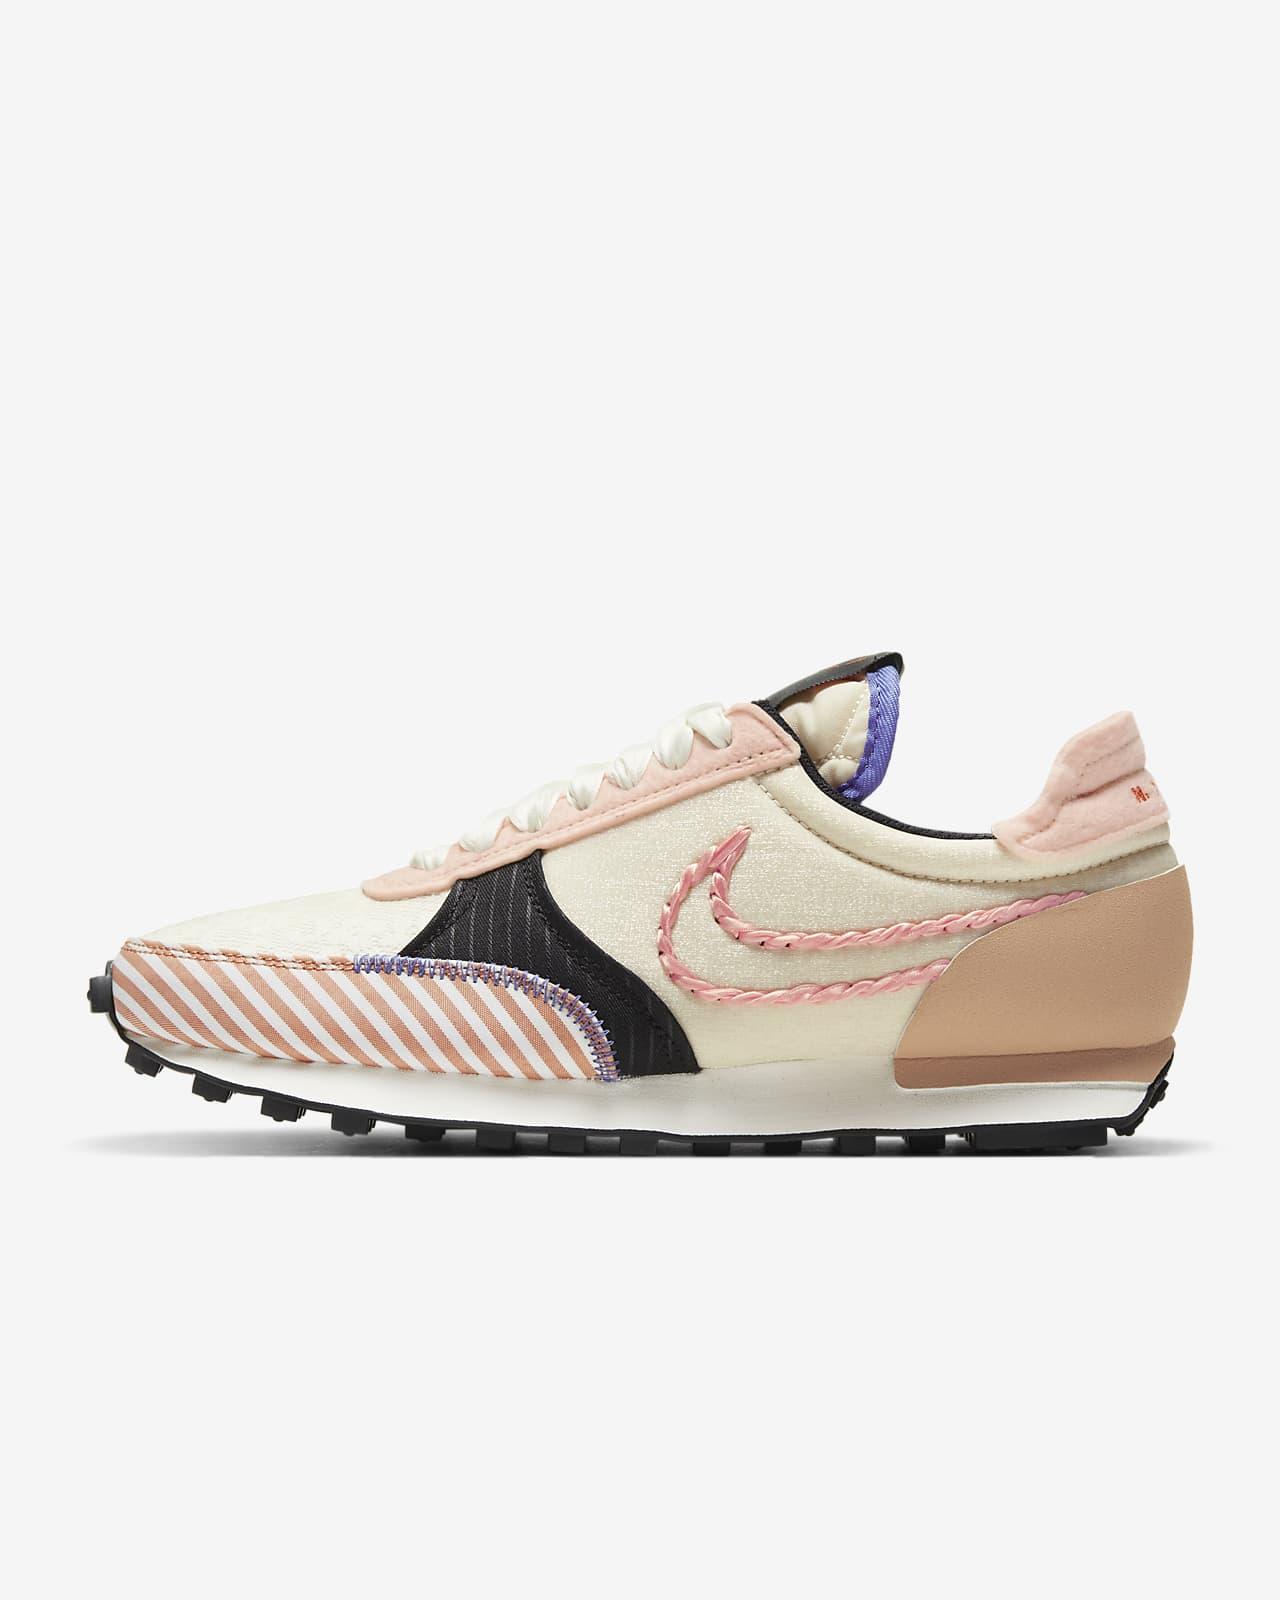 Nike DBreak-Type 女子运动鞋